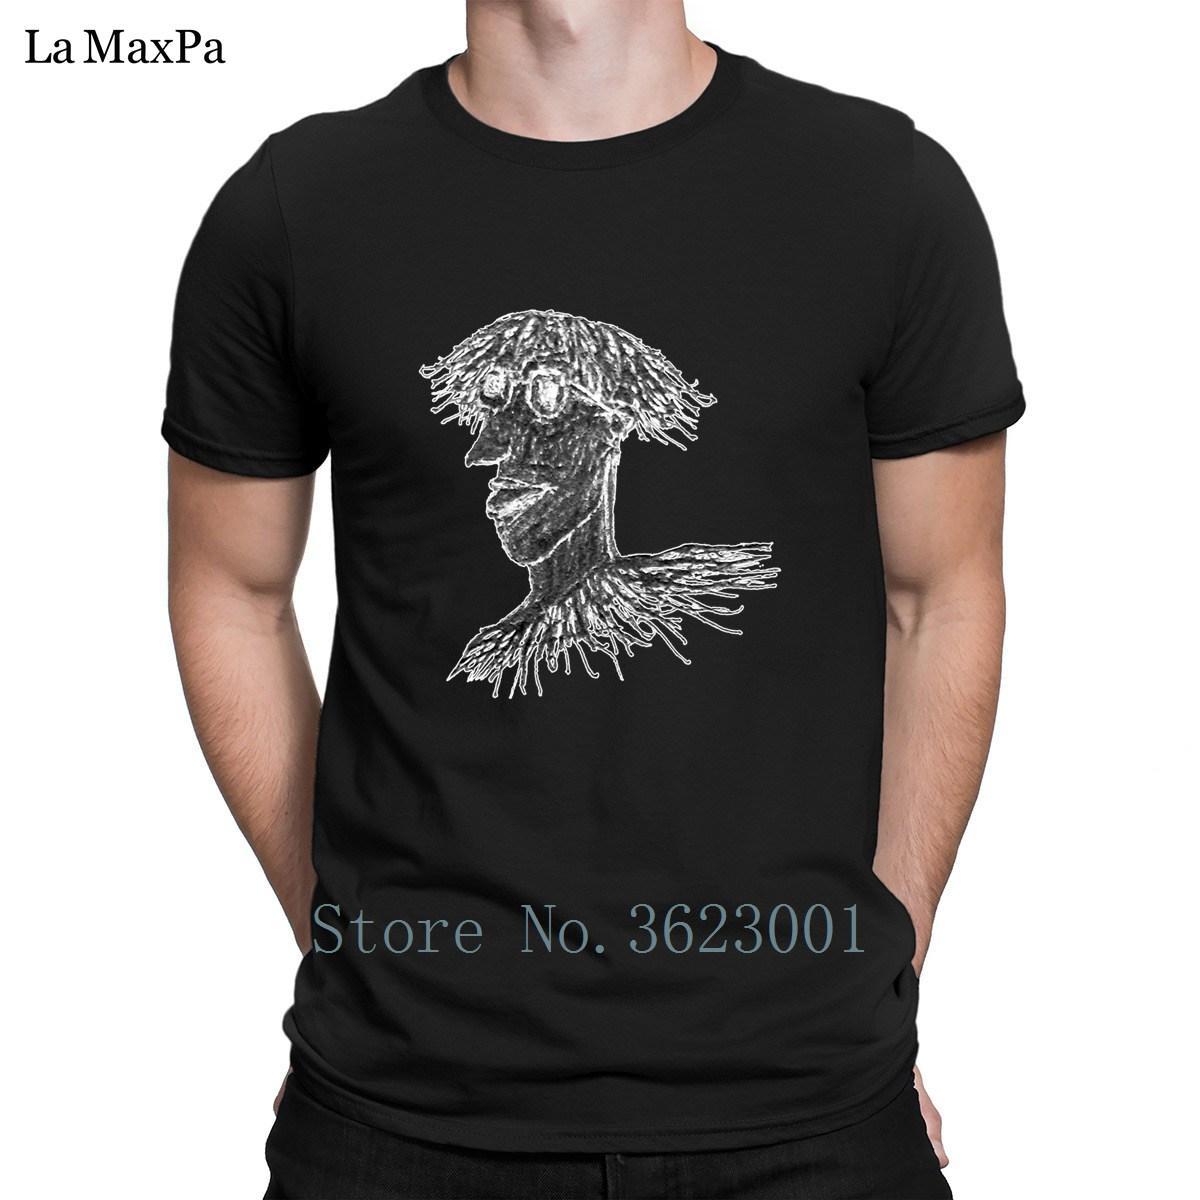 Casual camisetas fresco camisetas Roupa T-shirt Jovem Homem longo do cabelo com vidros de Homens Drawing For Men Funky do Plus Size 3xl bonito